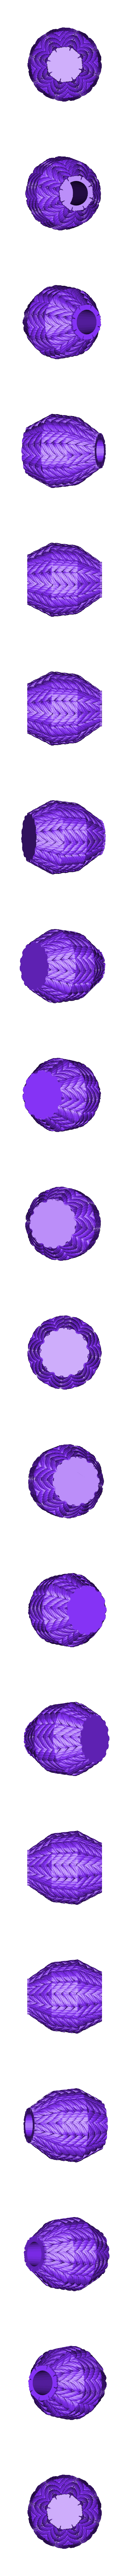 35.stl Télécharger fichier STL X86 Mini vase collection  • Objet imprimable en 3D, motek